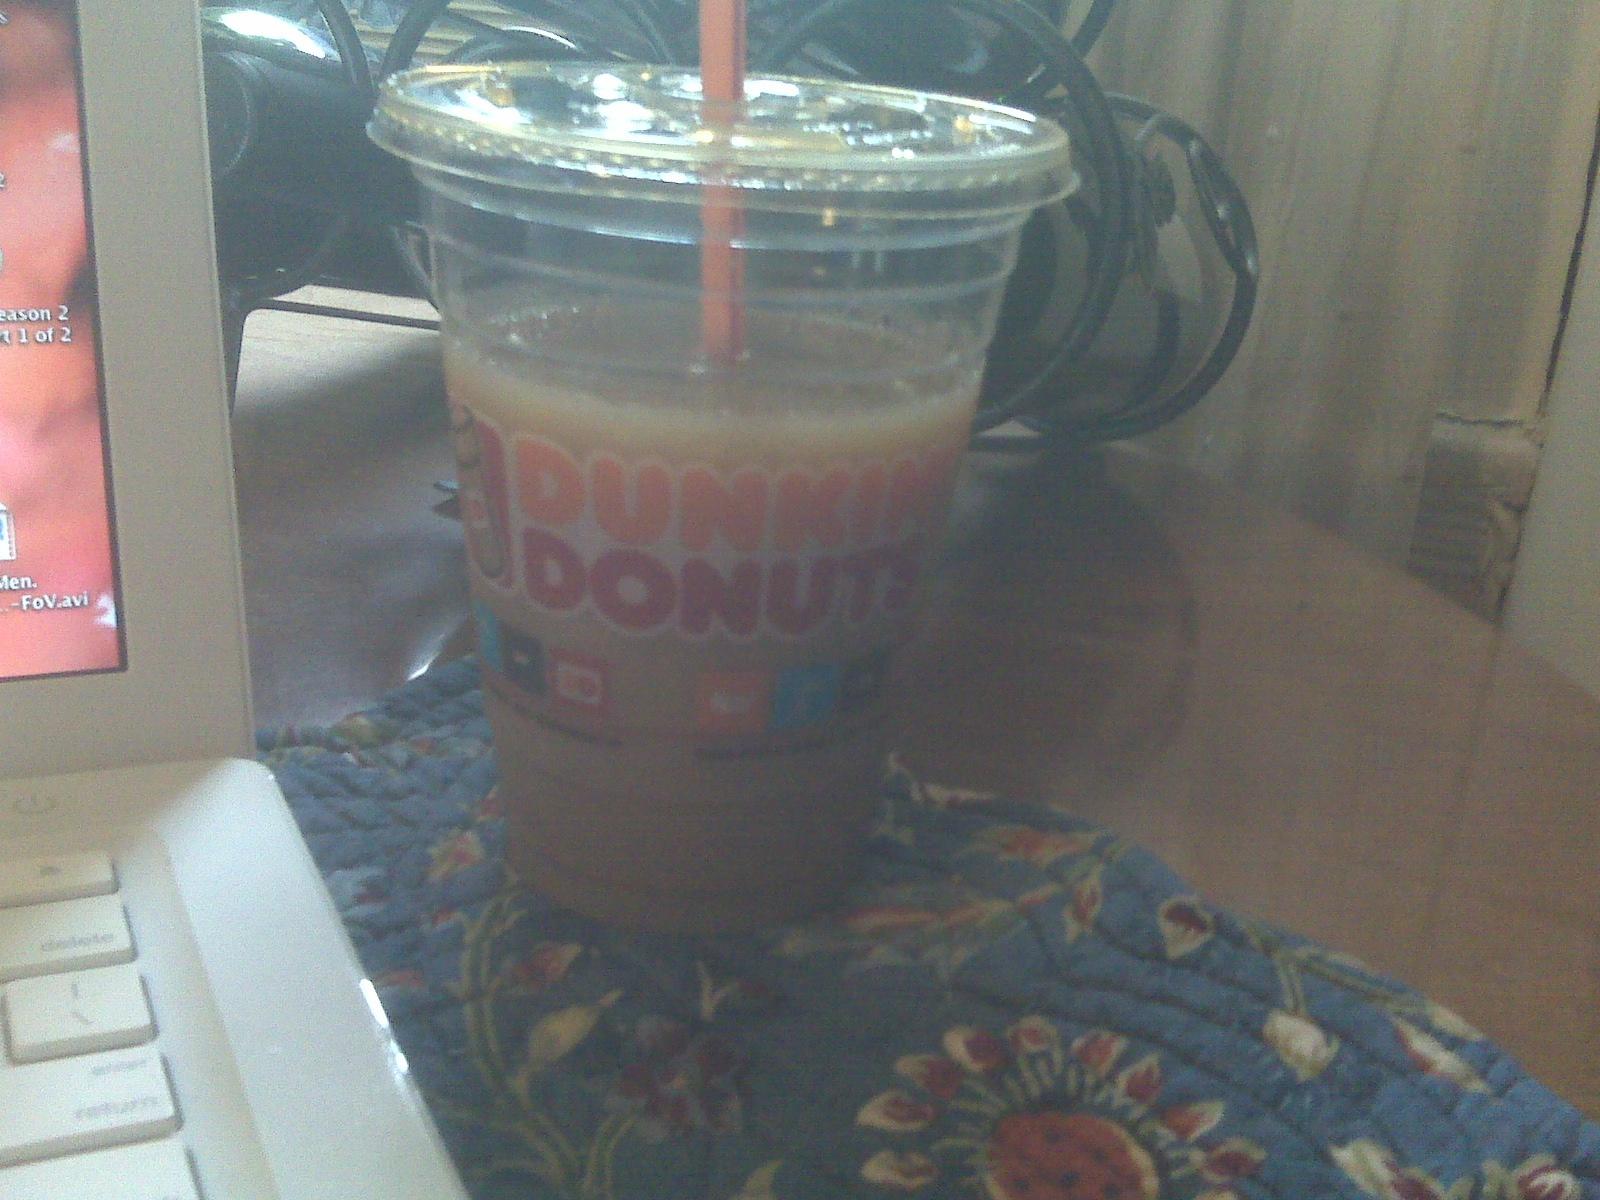 i hate you iced coffee